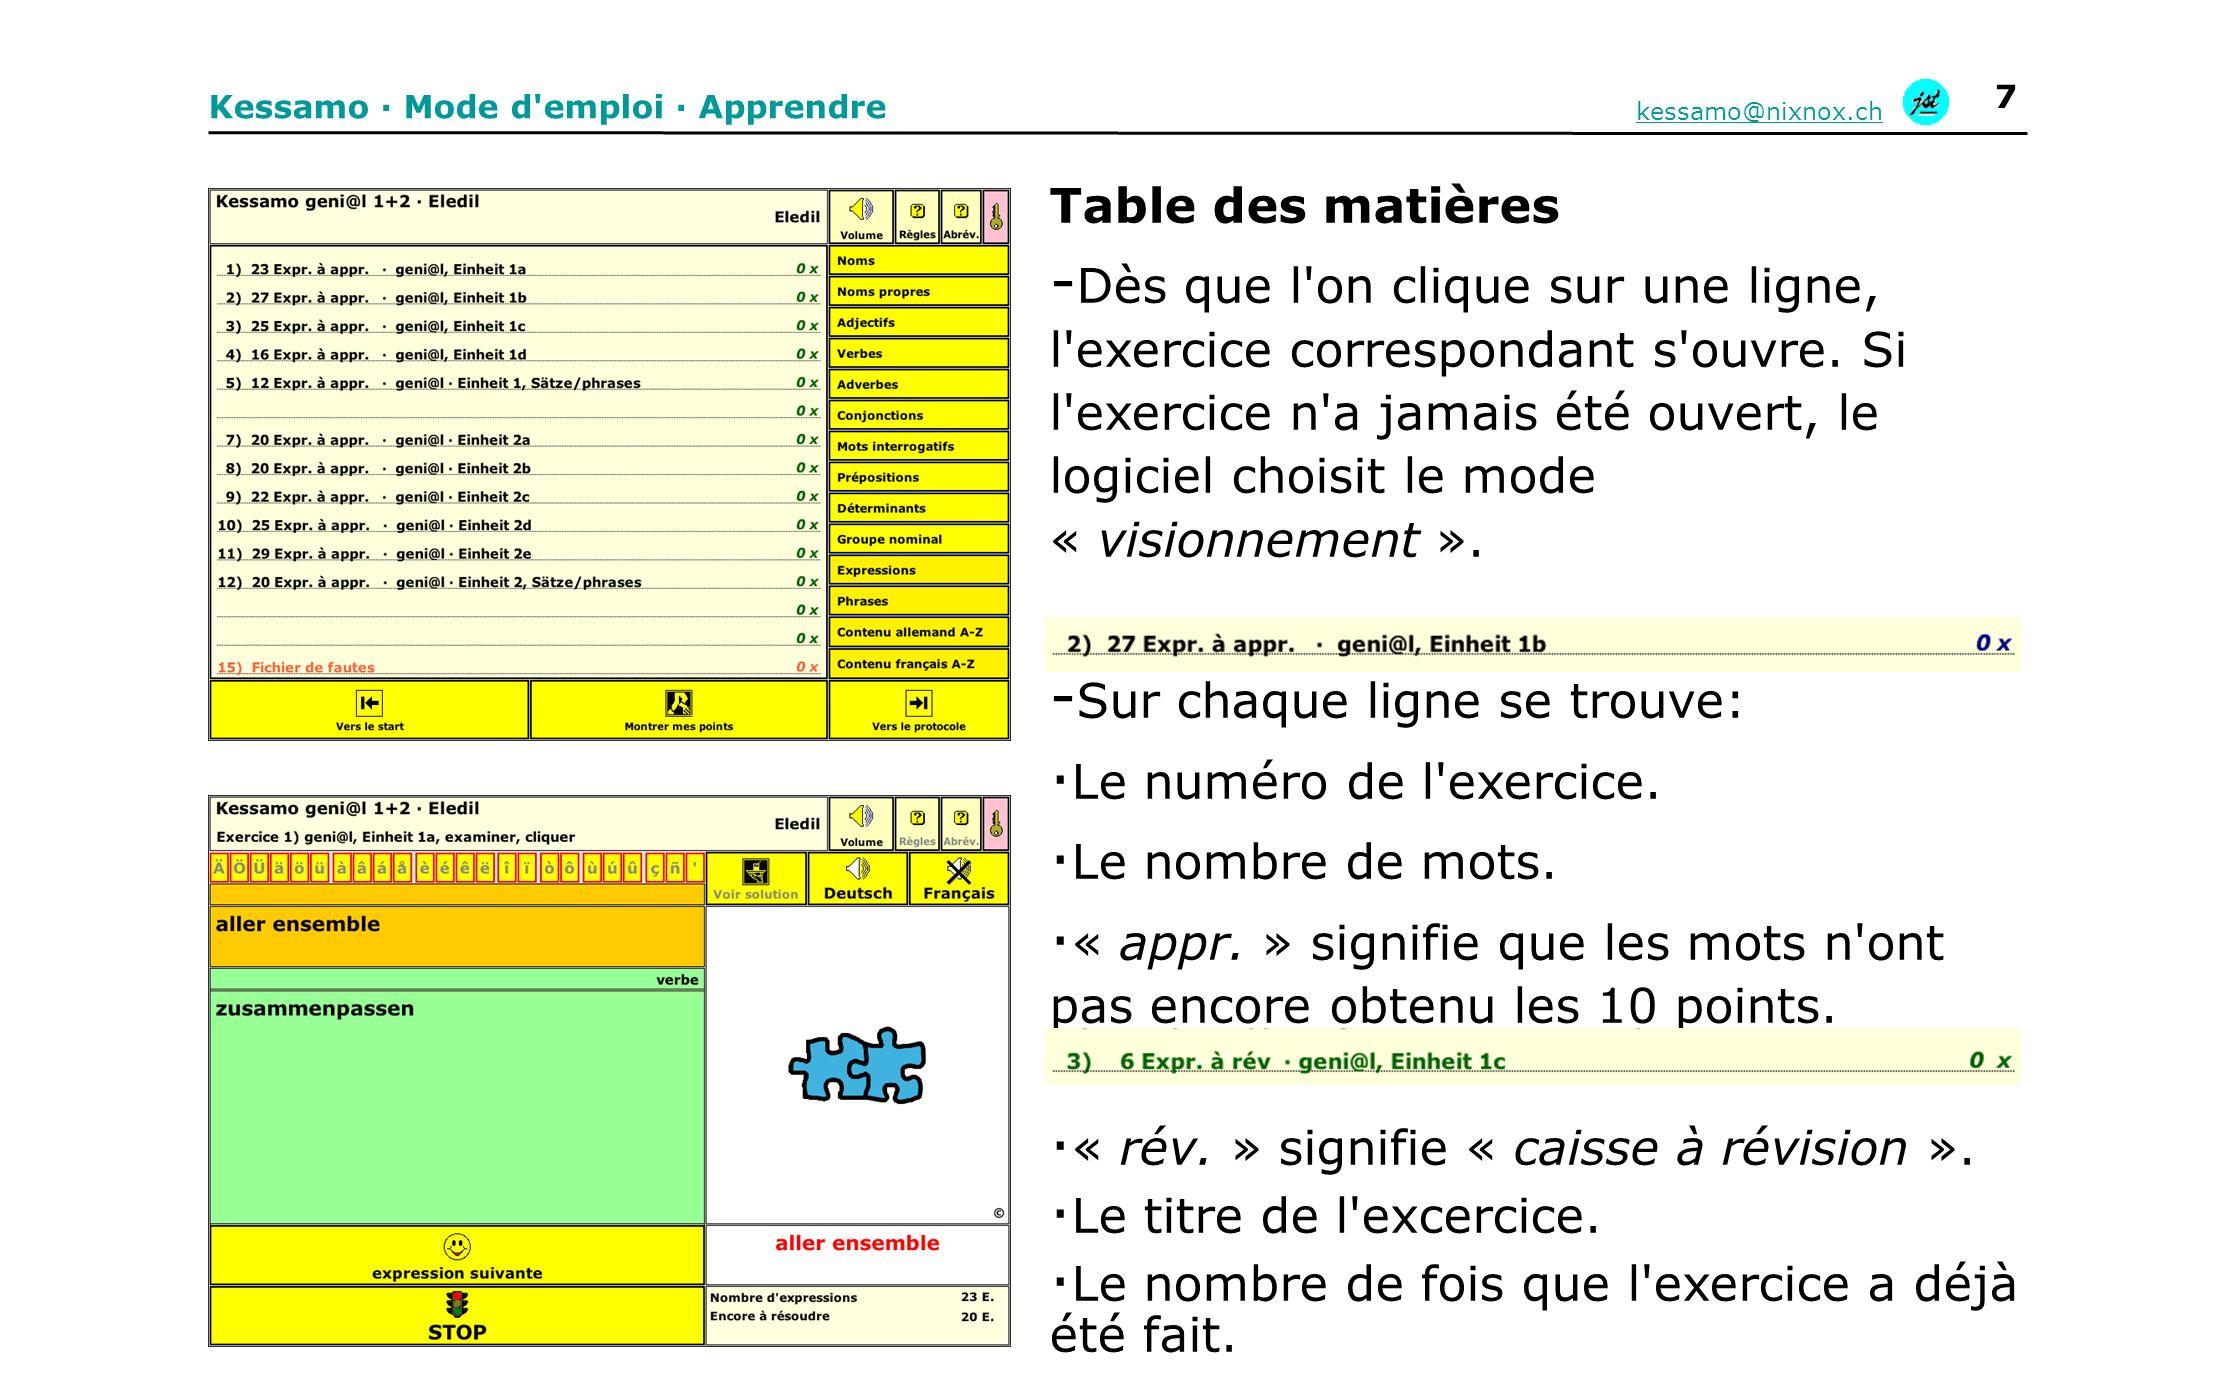 Table des matières - Dès que l'on clique sur une ligne, l'exercice correspondant s'ouvre. Si l'exercice n'a jamais été ouvert, le logiciel choisit le